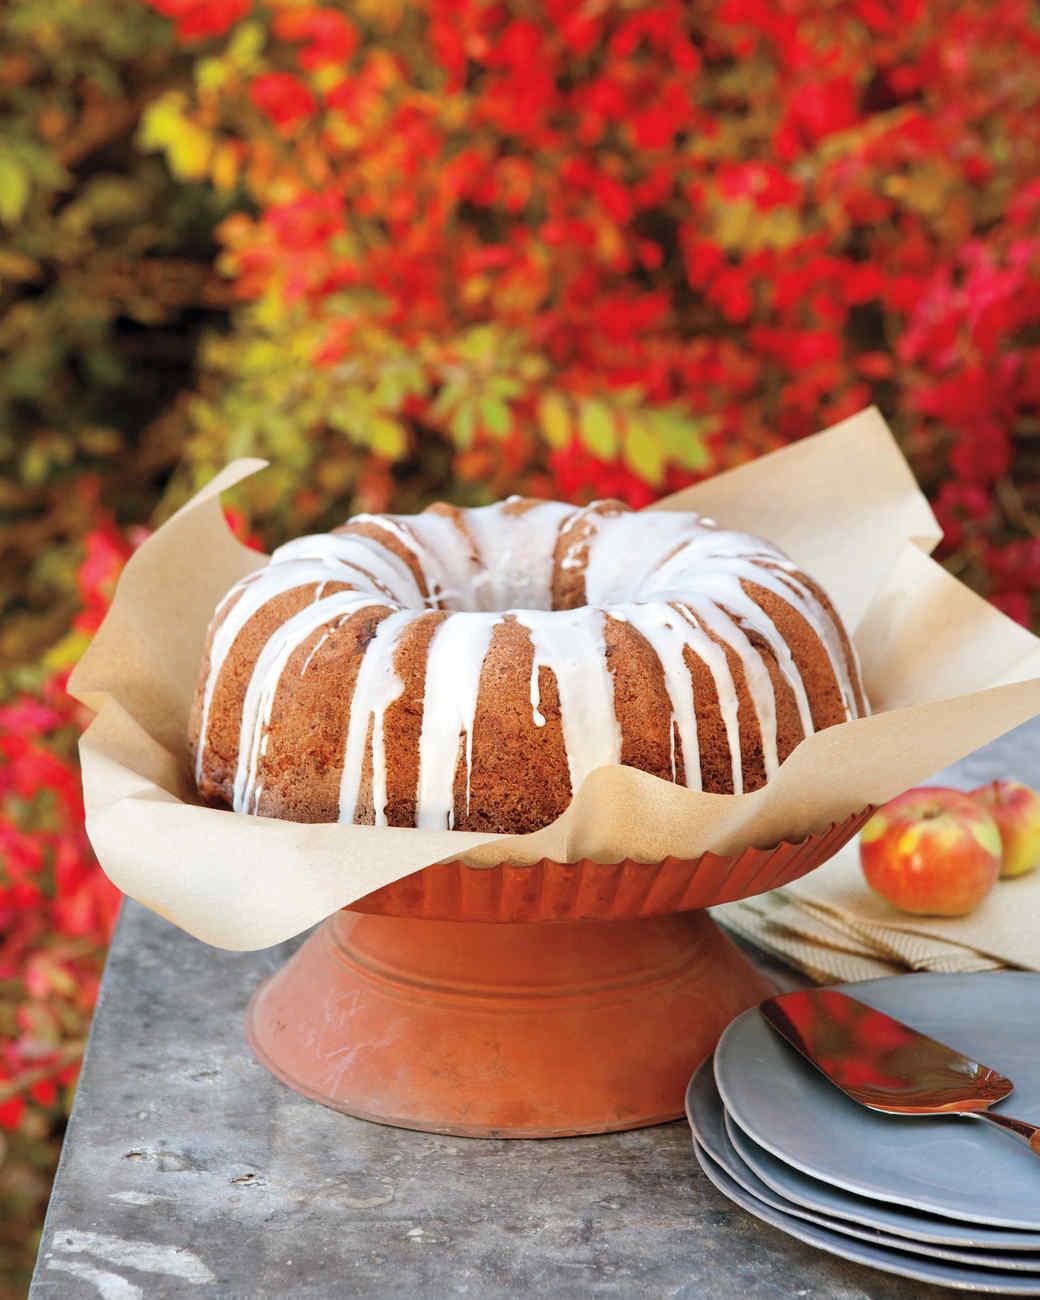 Best-Ever Bundt Cake Recipes | Martha Stewart